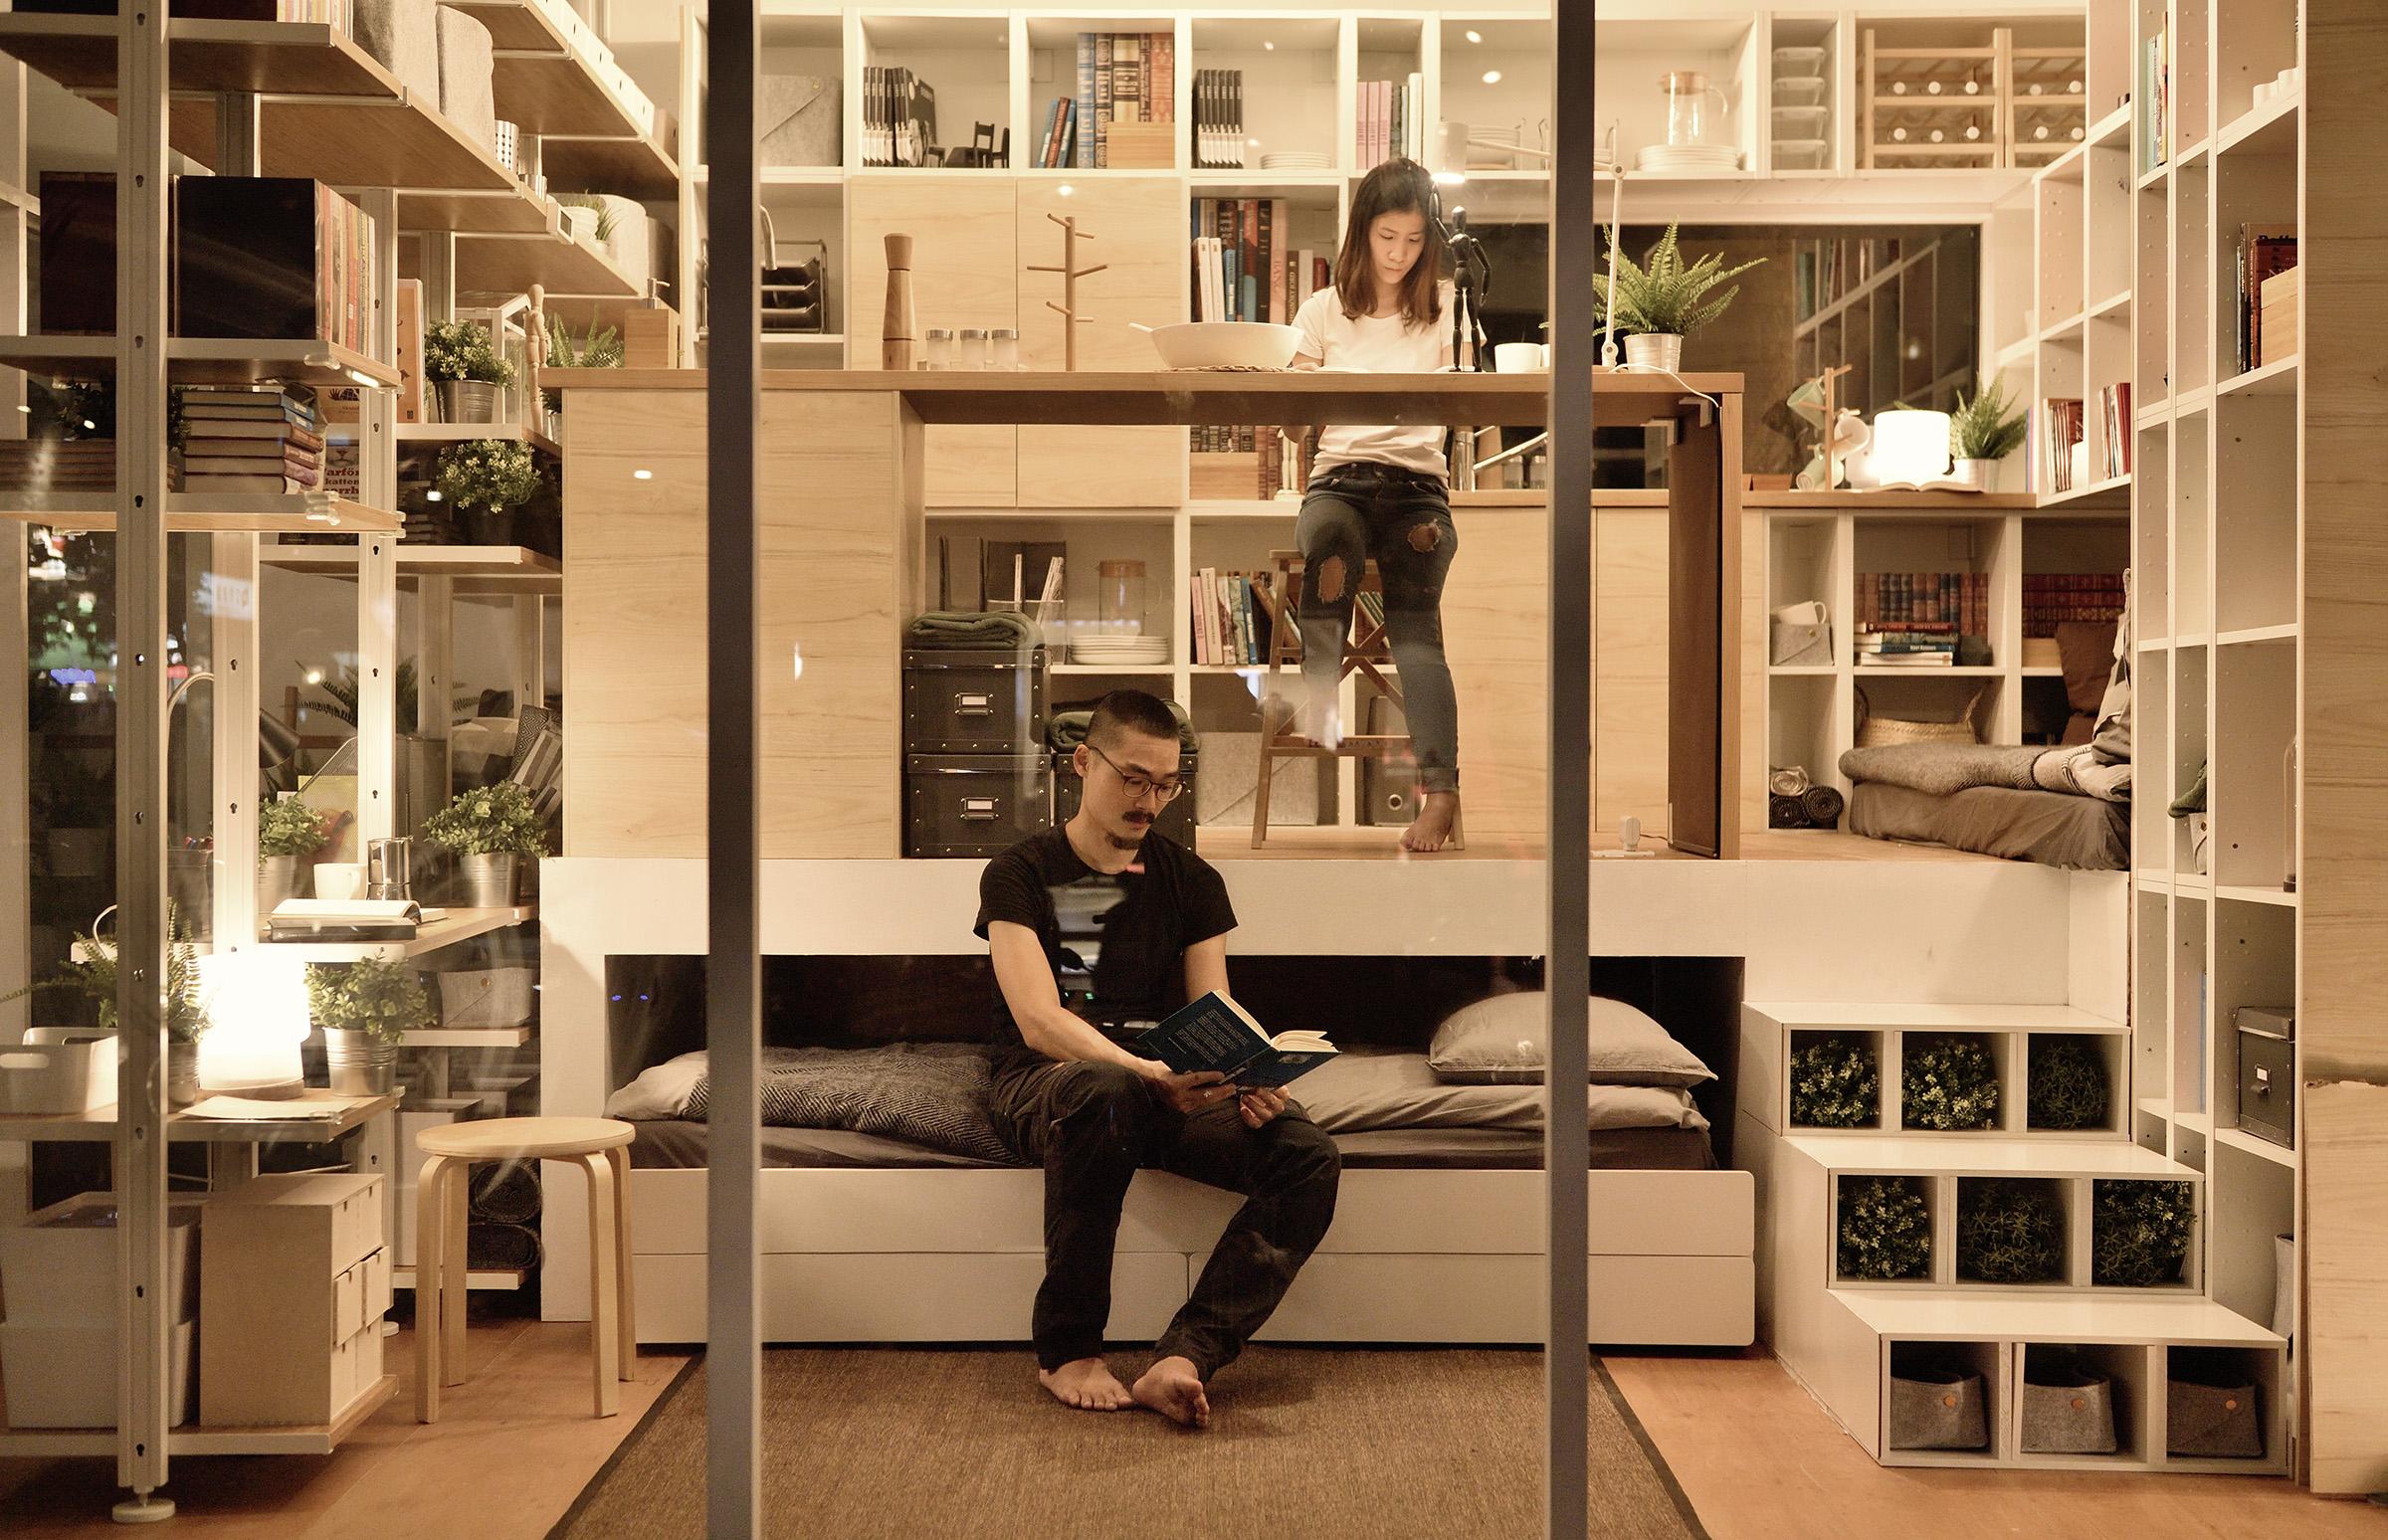 設計單位 楓川秀雅室內設計研究所